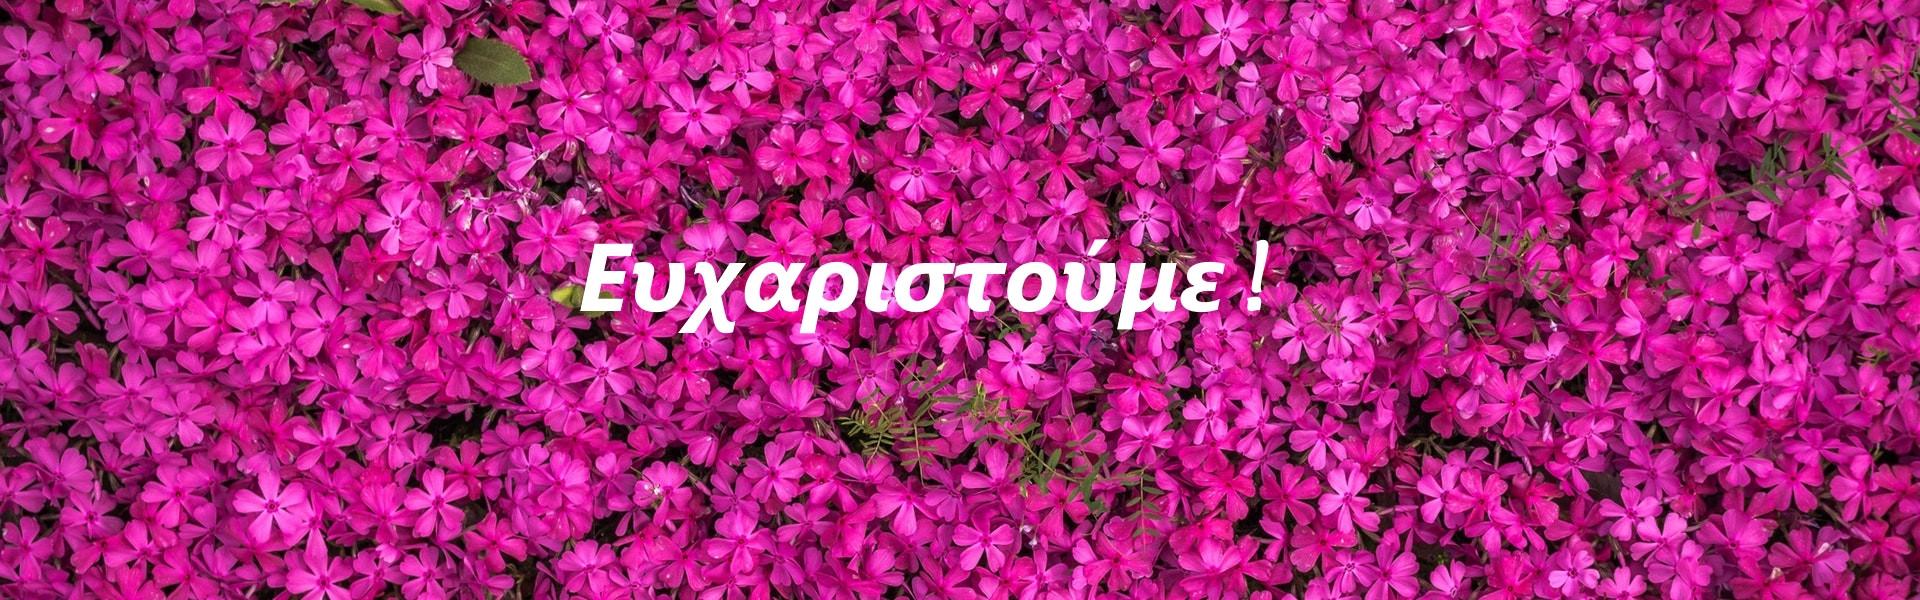 pexels-photo-414667